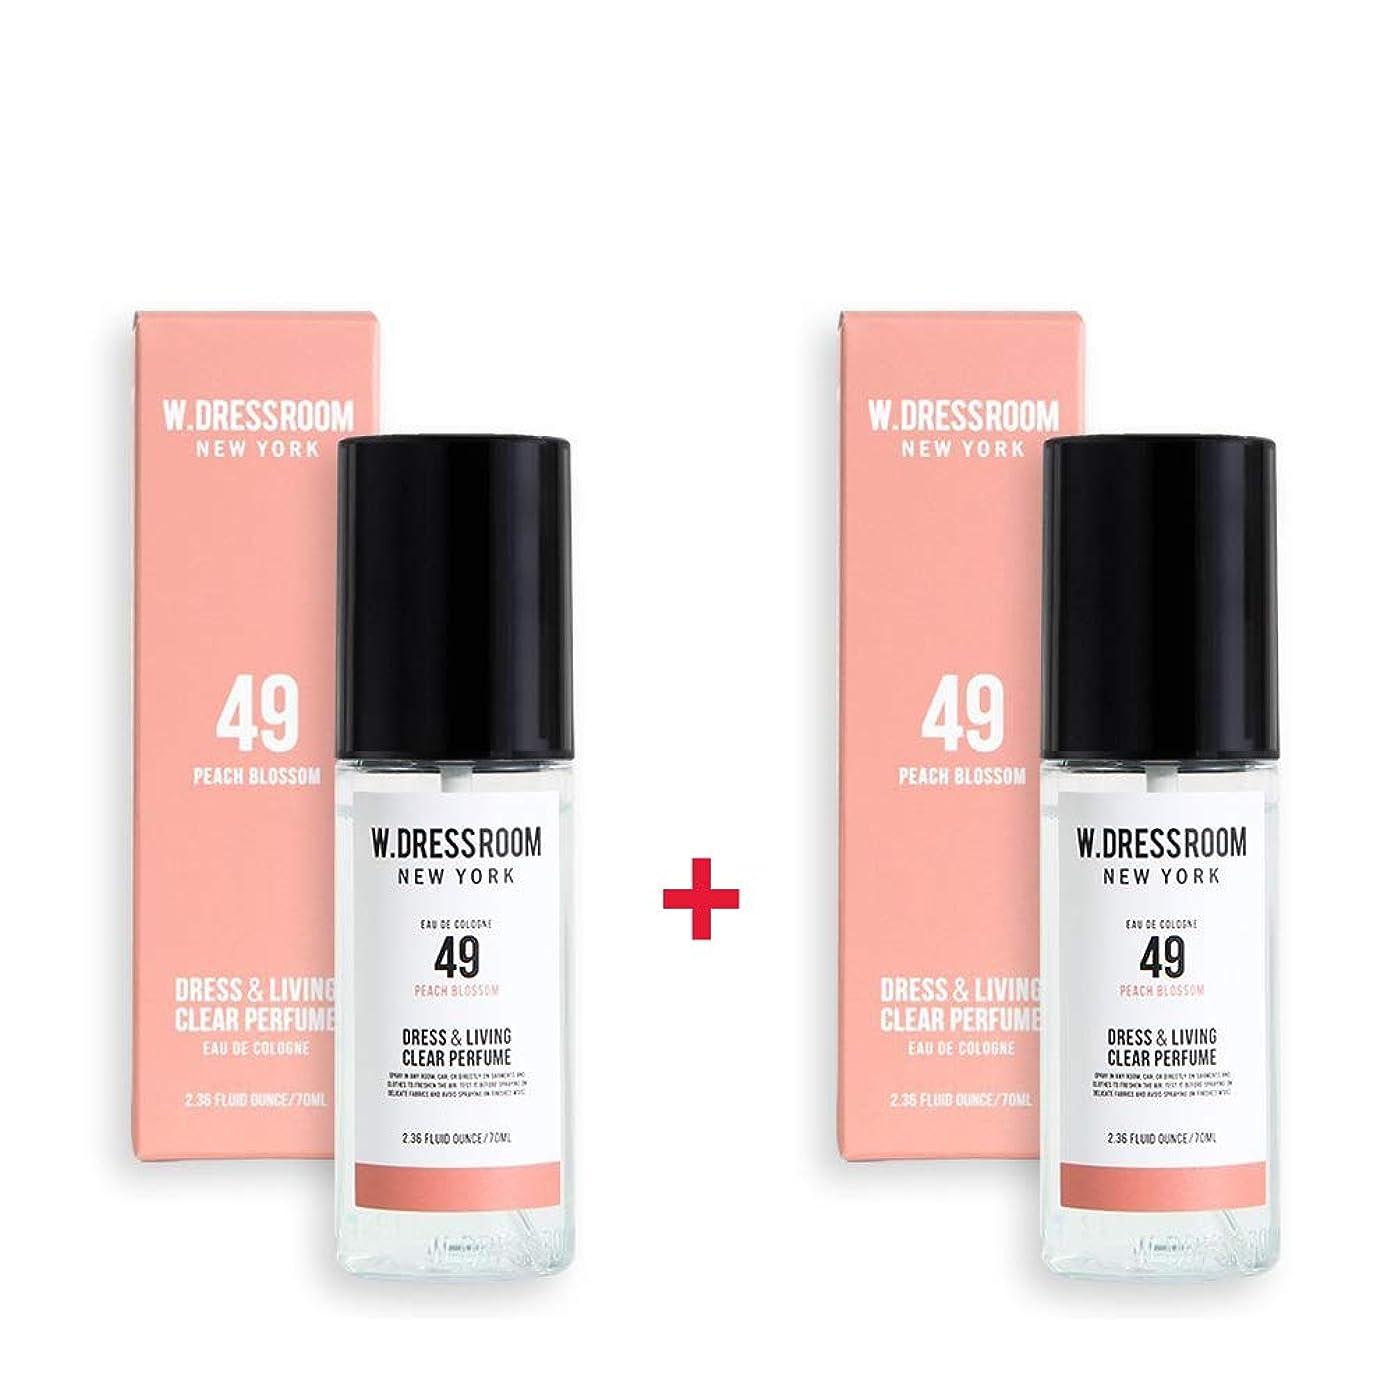 保持ハウス困難W.DRESSROOM Dress & Living Clear Perfume 70ml (No 49 Peach Blossom)+(No 49 Peach Blossom)